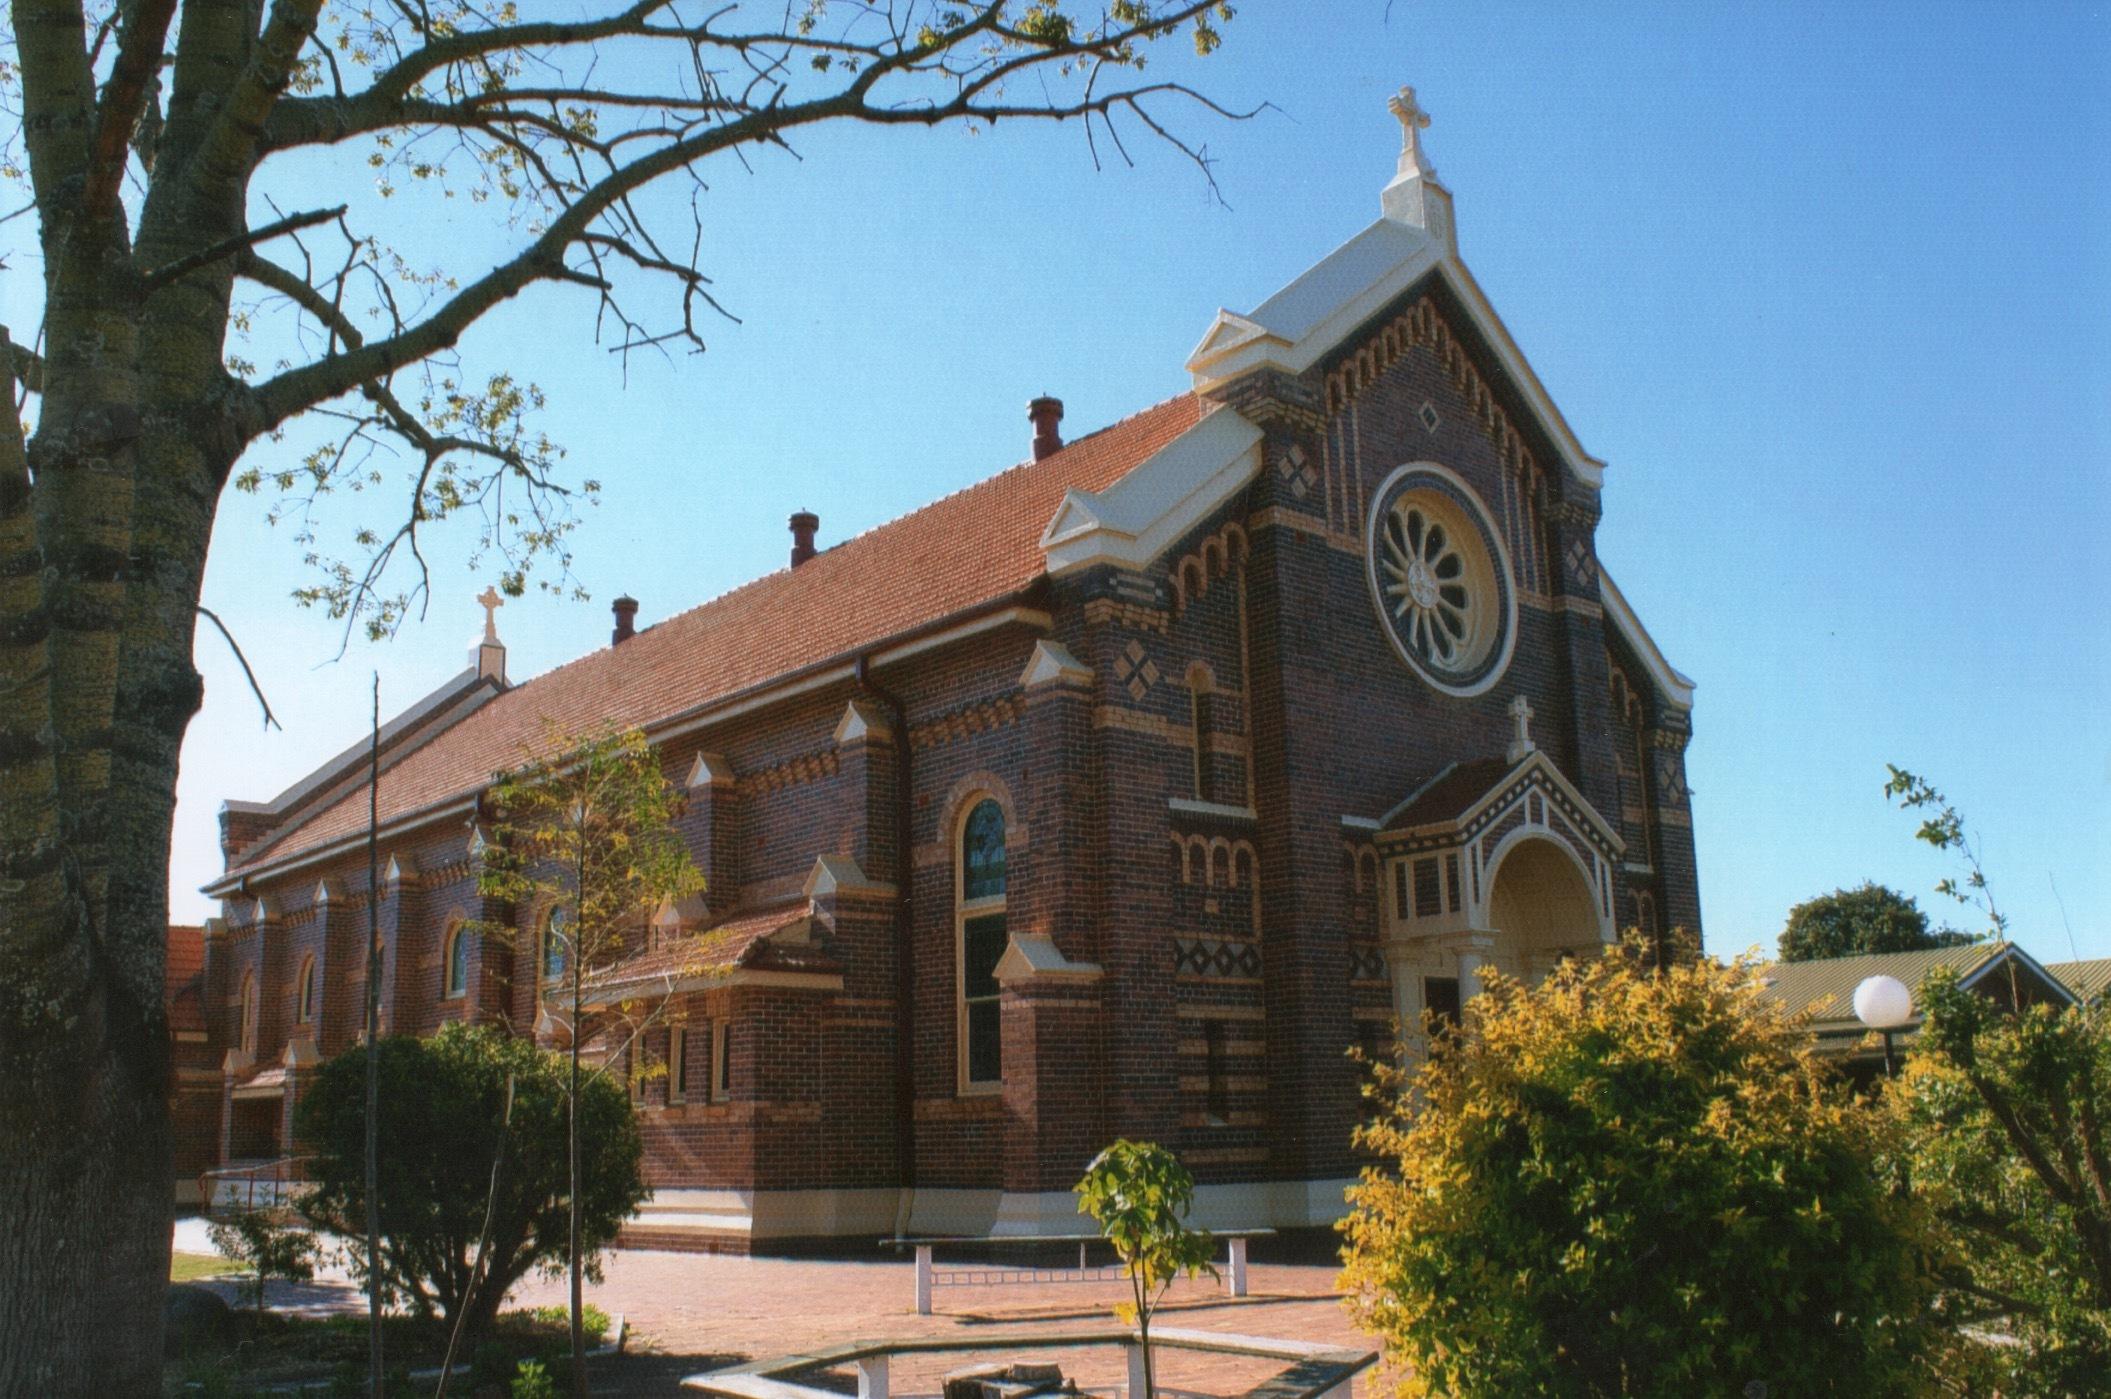 St Joseph's from CunninghamSt corner